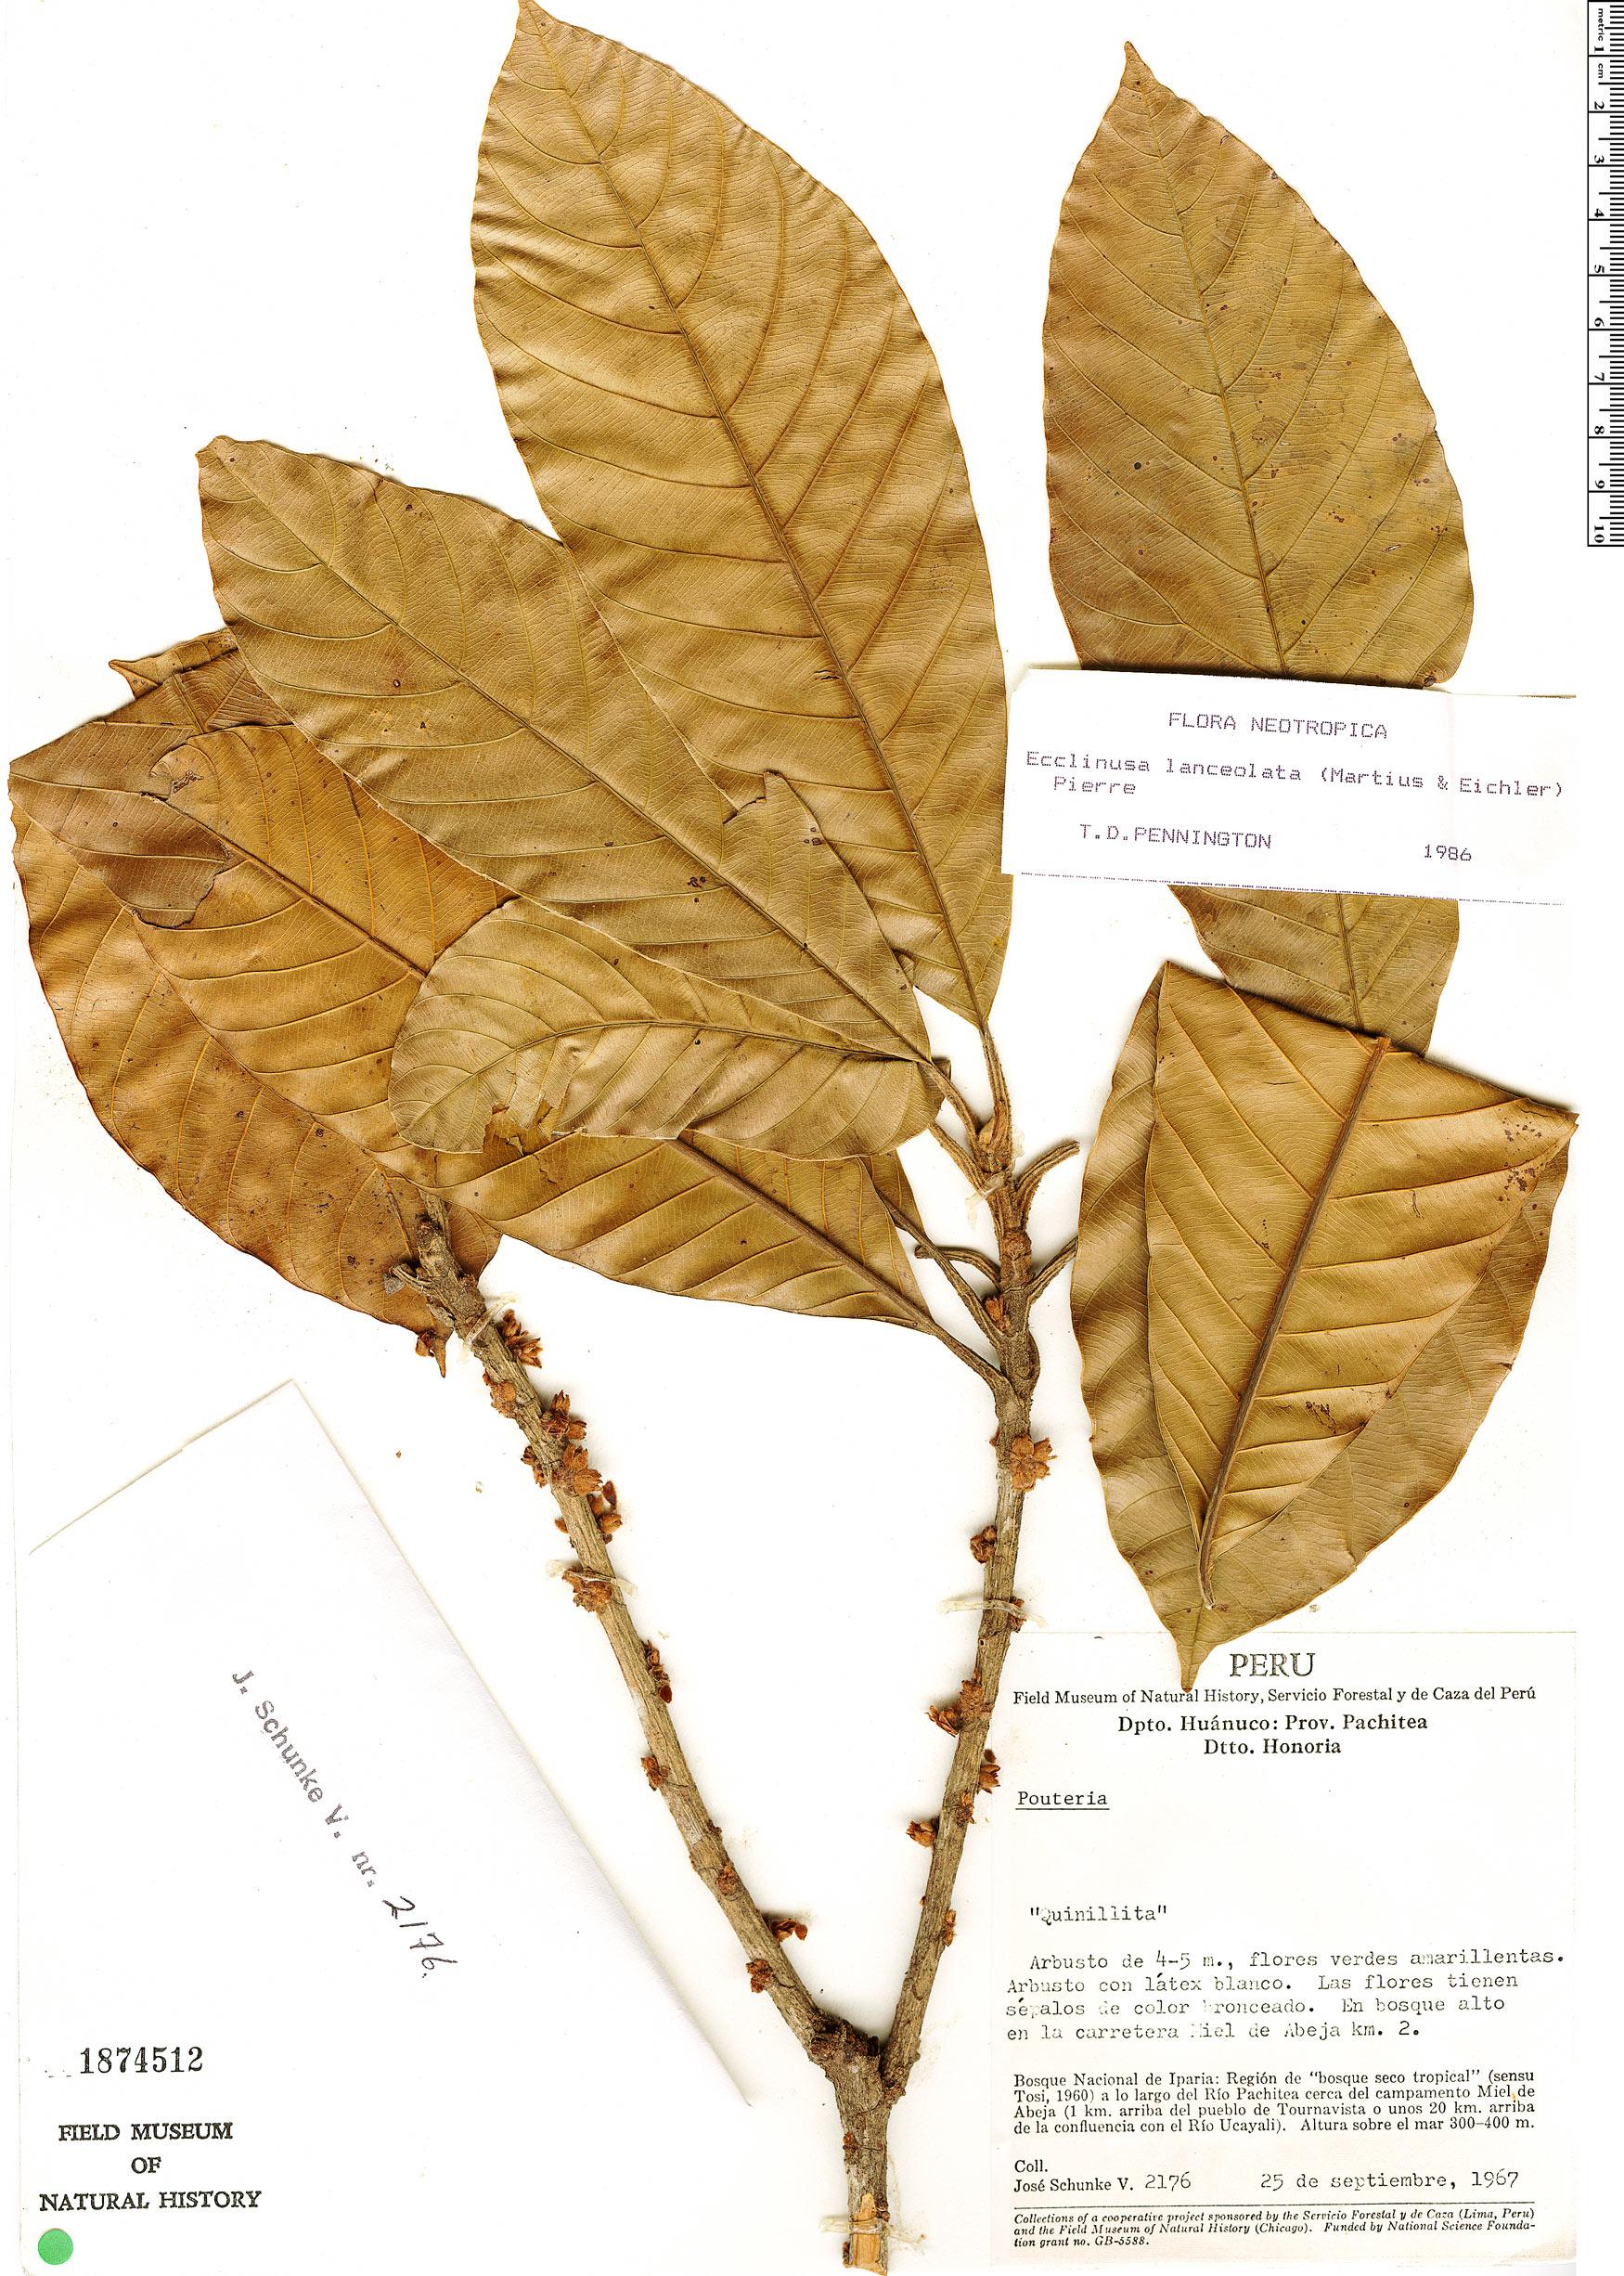 Specimen: Ecclinusa lanceolata